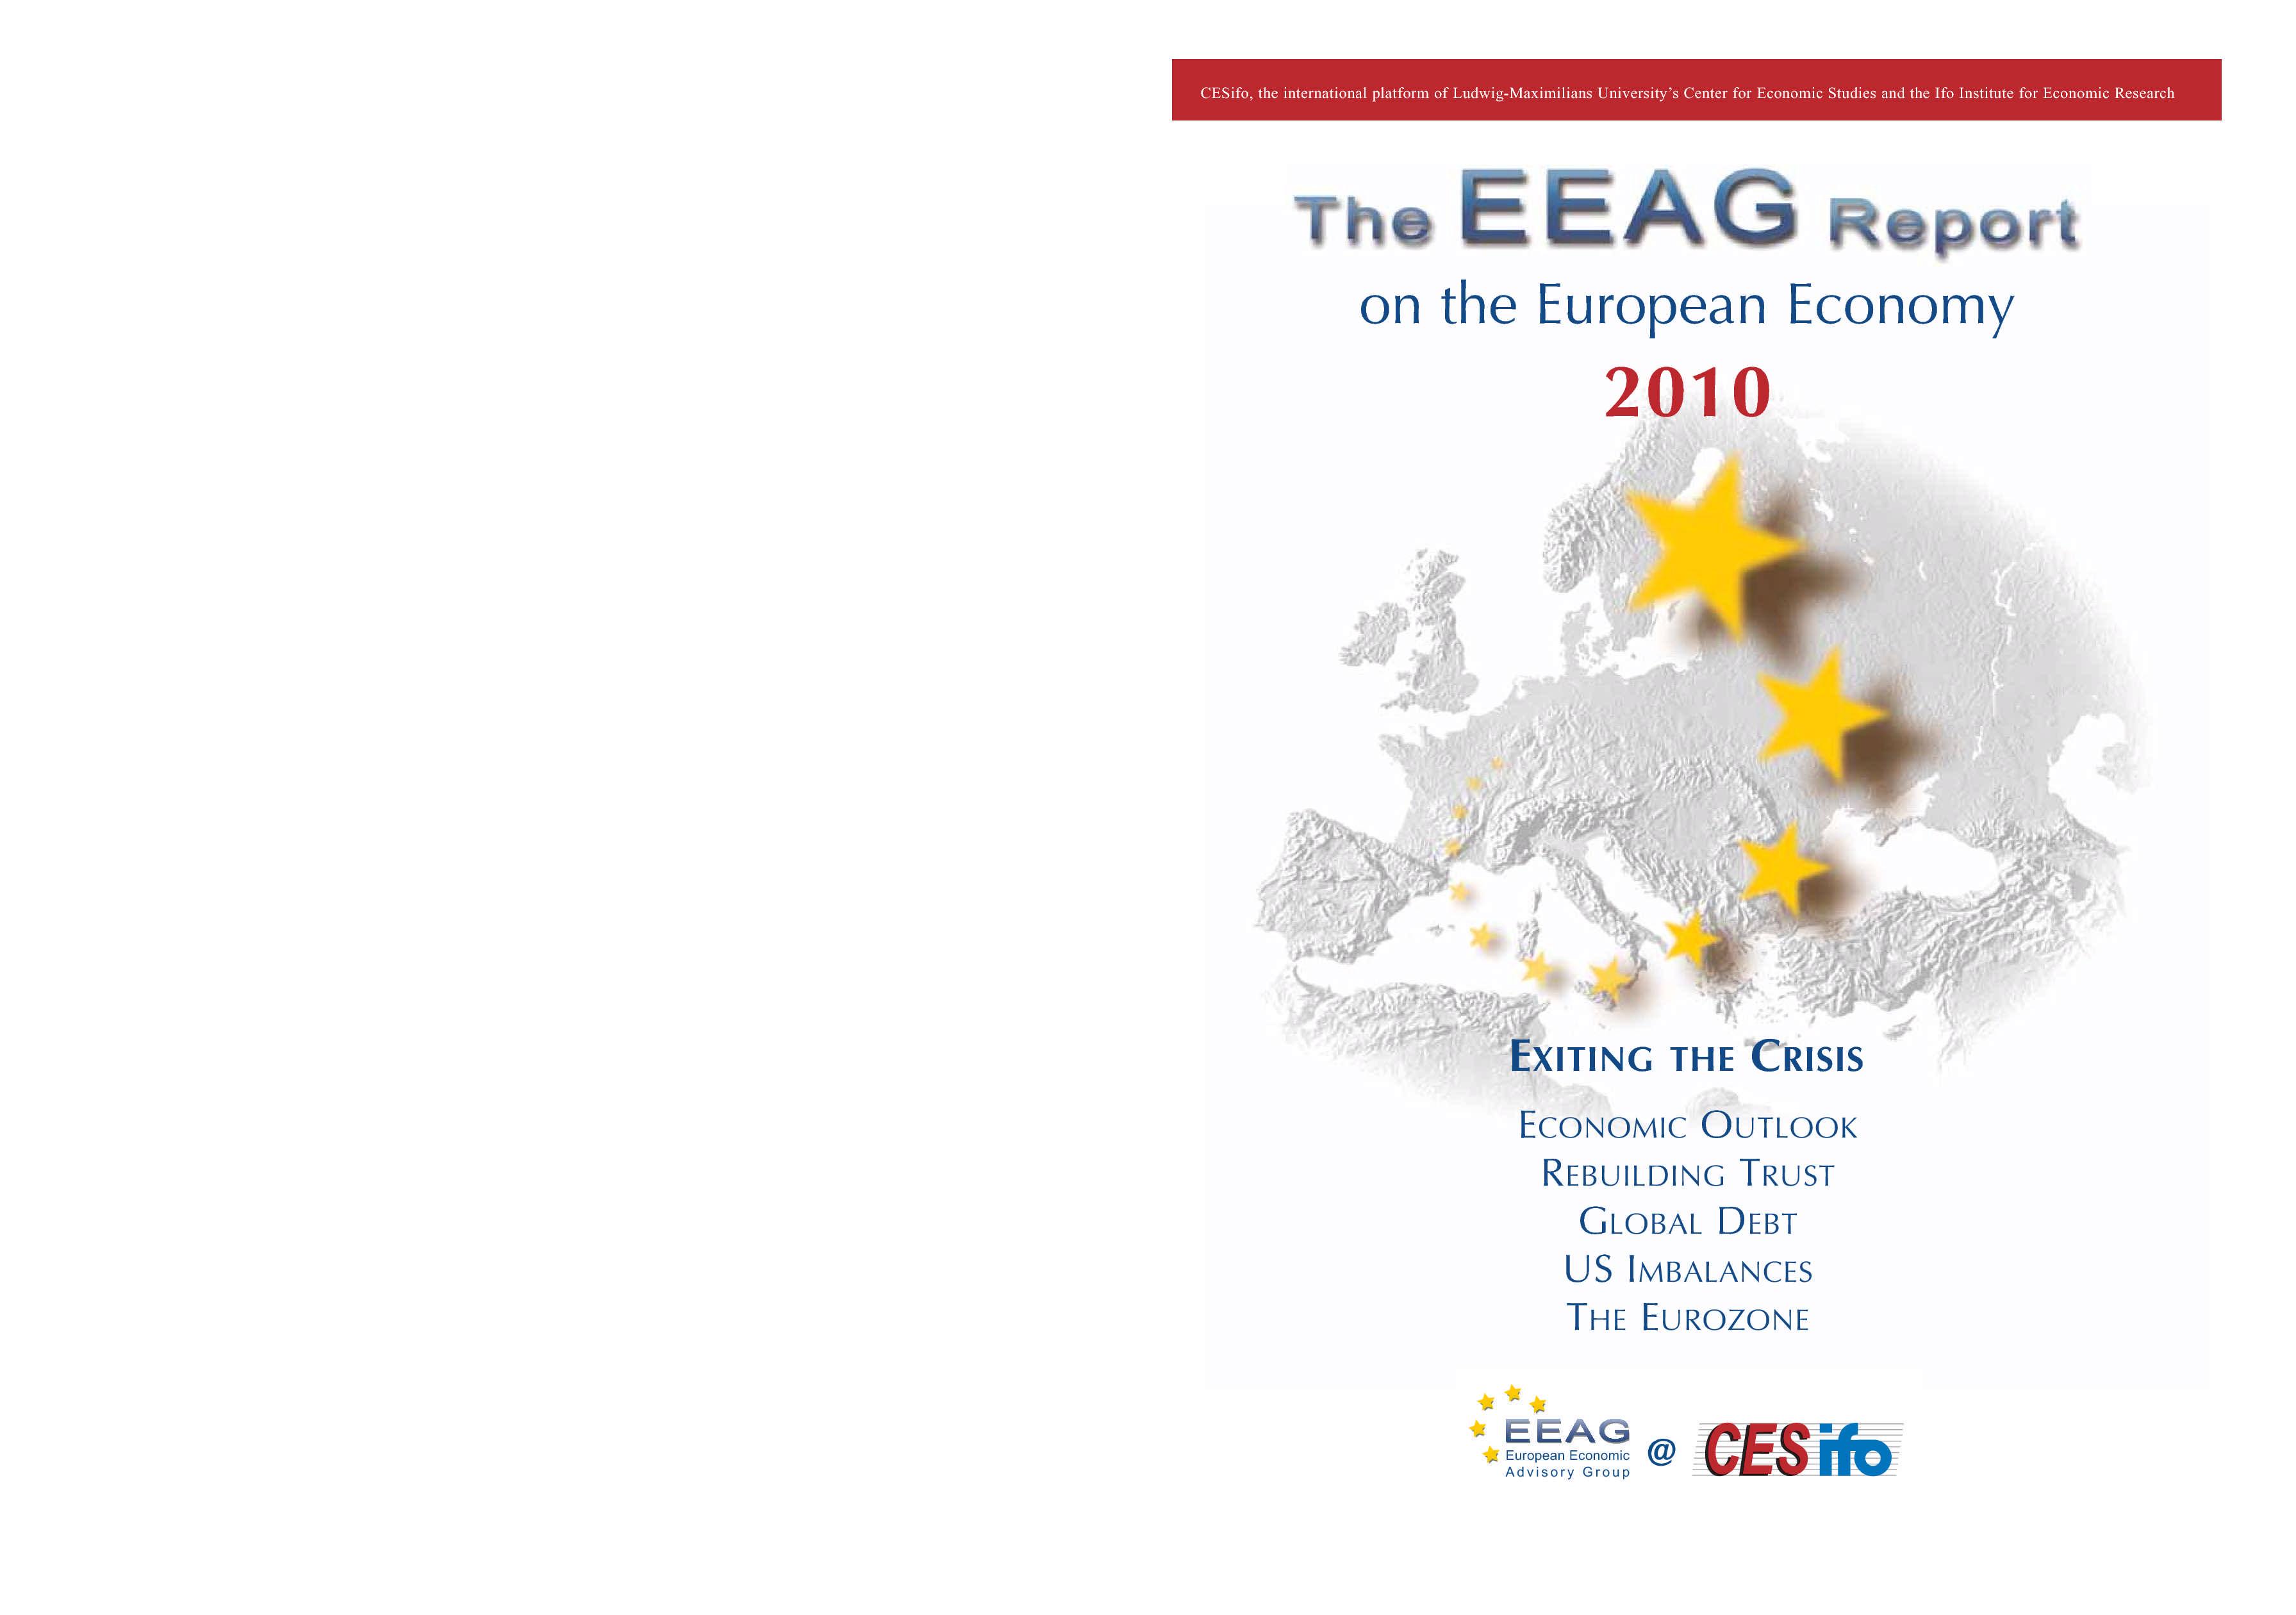 EEAG report 2010